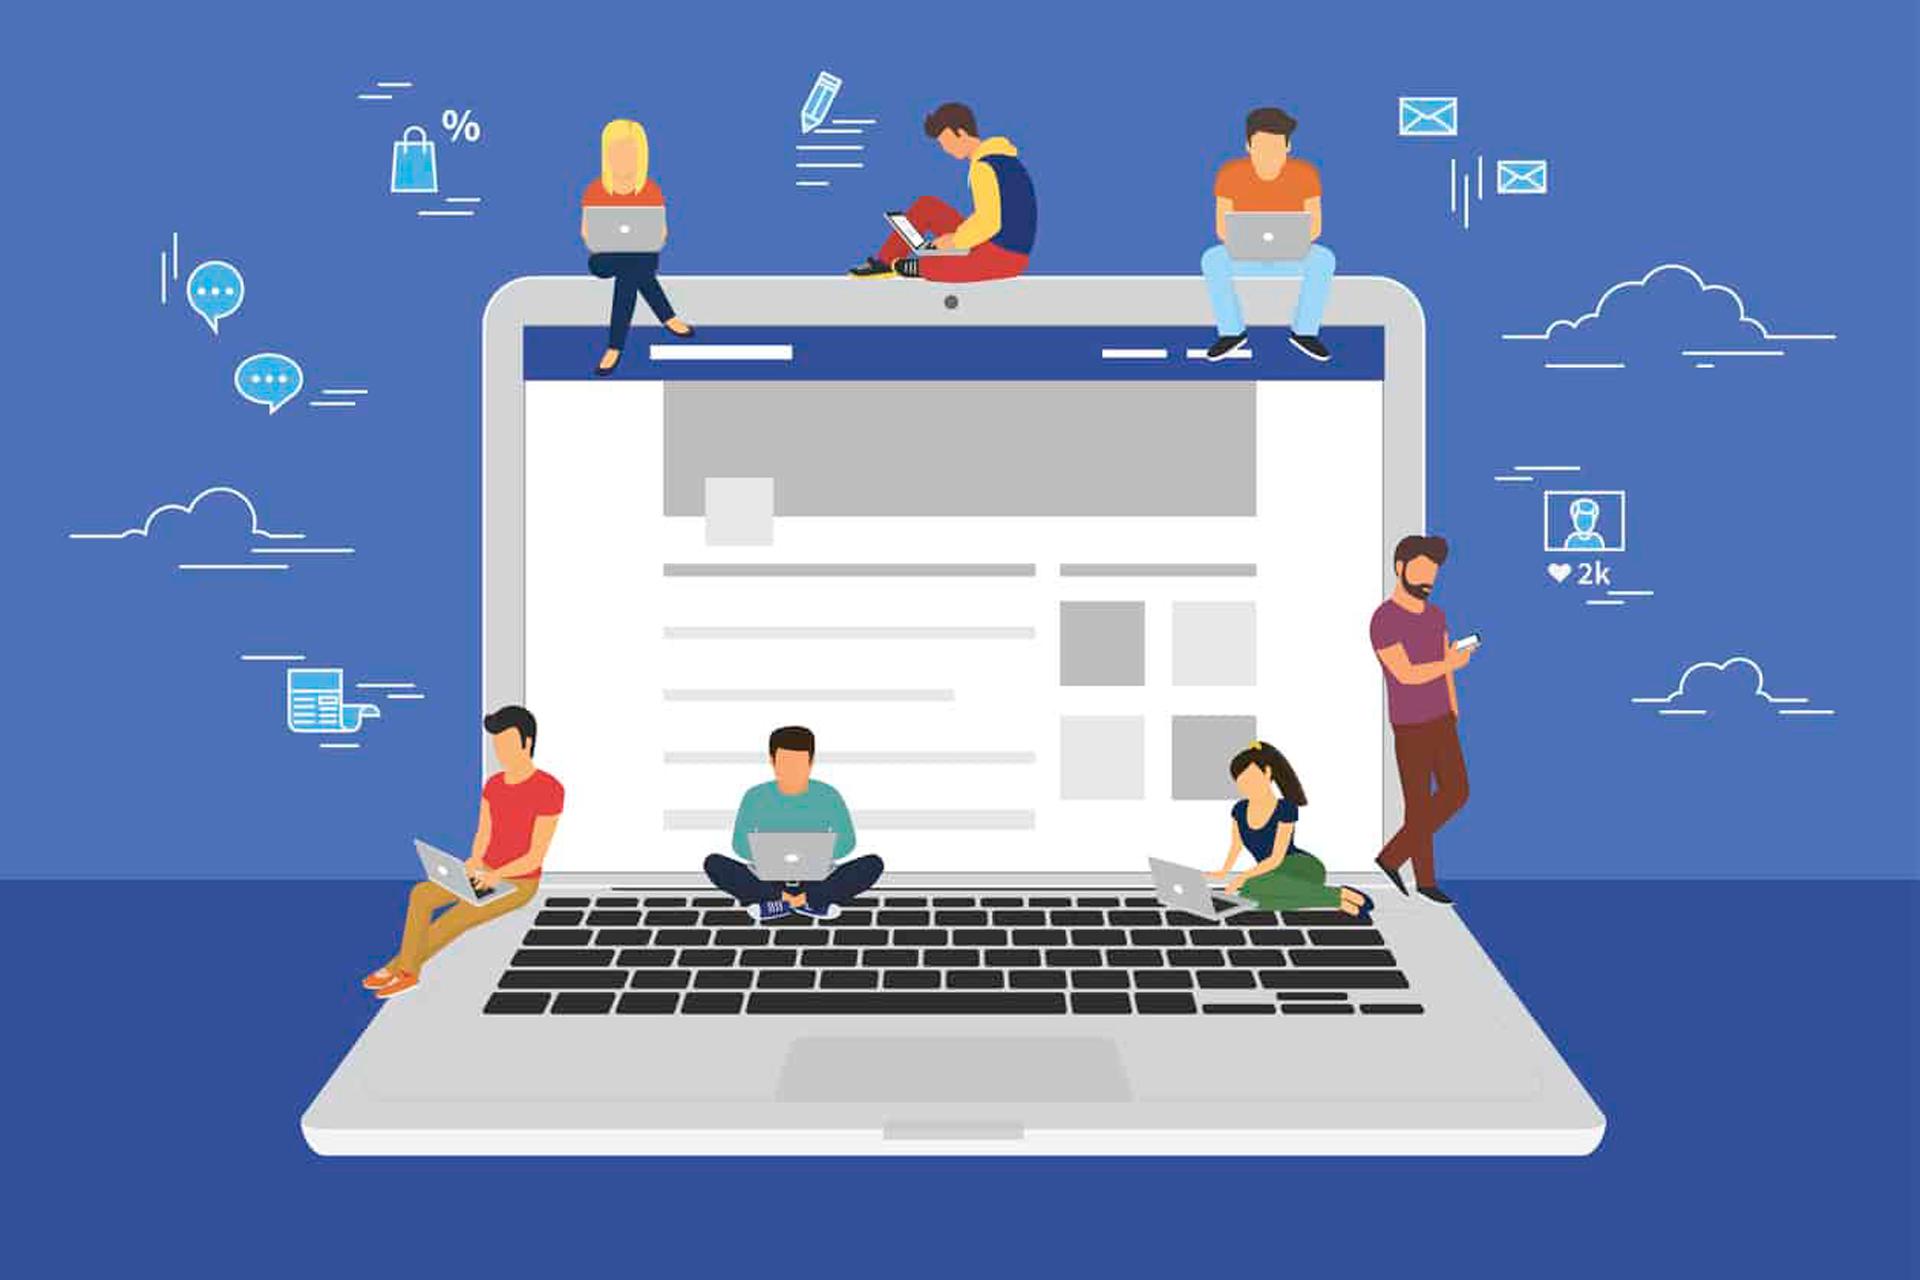 Profile giúp việc kết nối với những người cùng chí hướng sẽ dễ dàng hơn